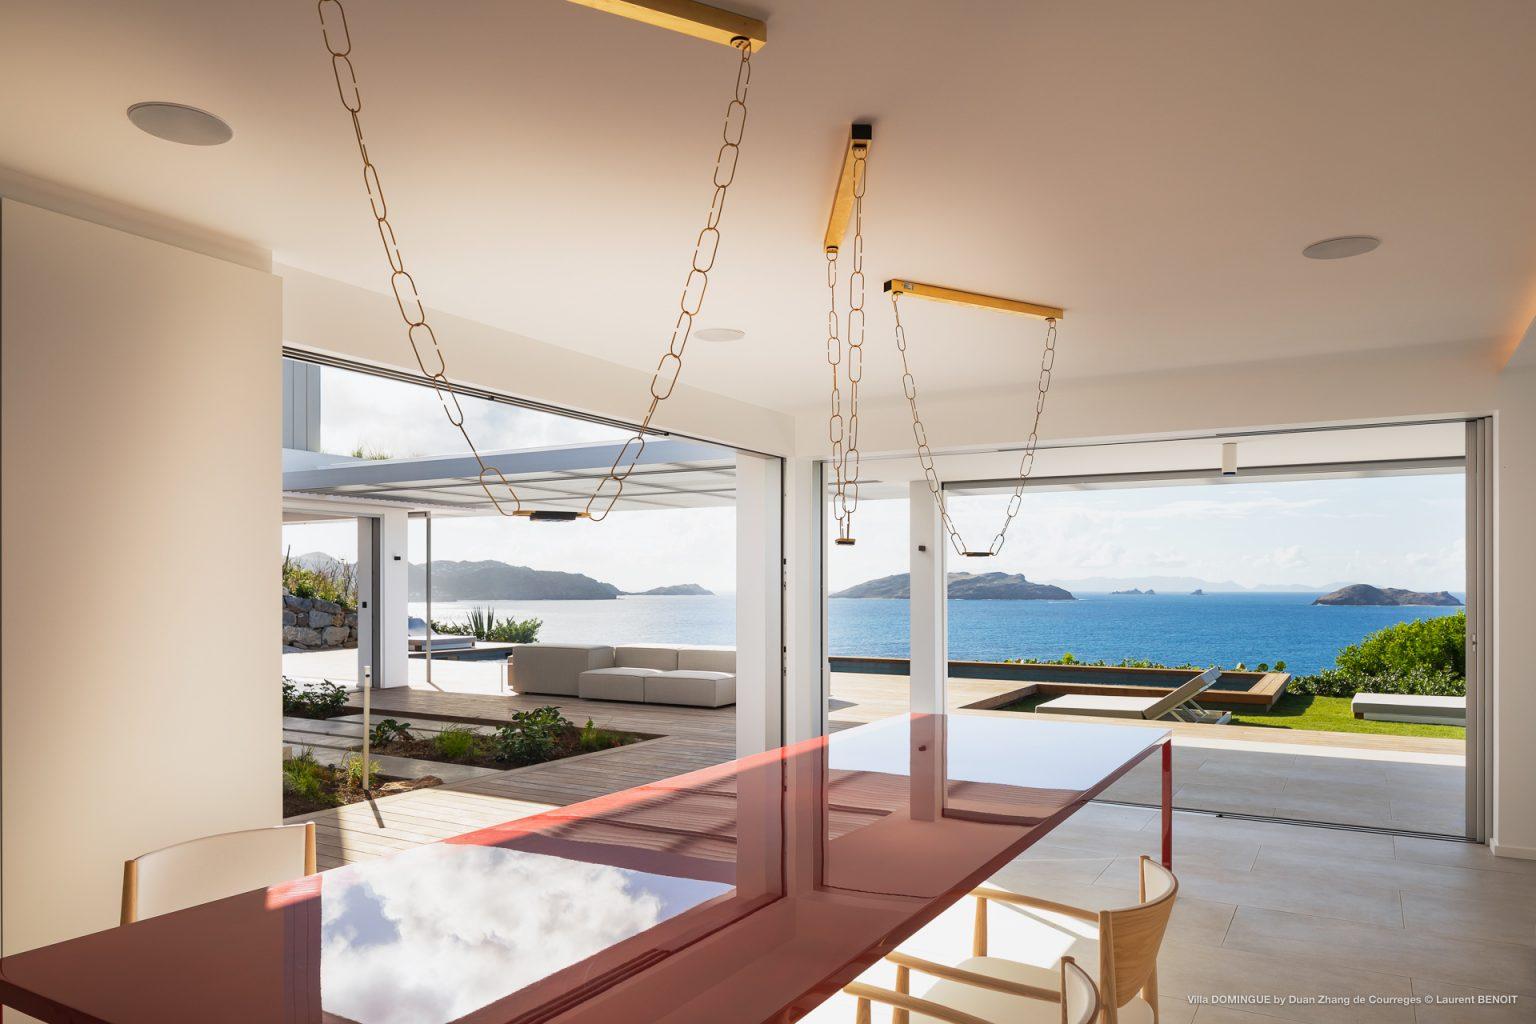 Villa Domingue - Modern Villa Rental St Barth Seaview - Living Room